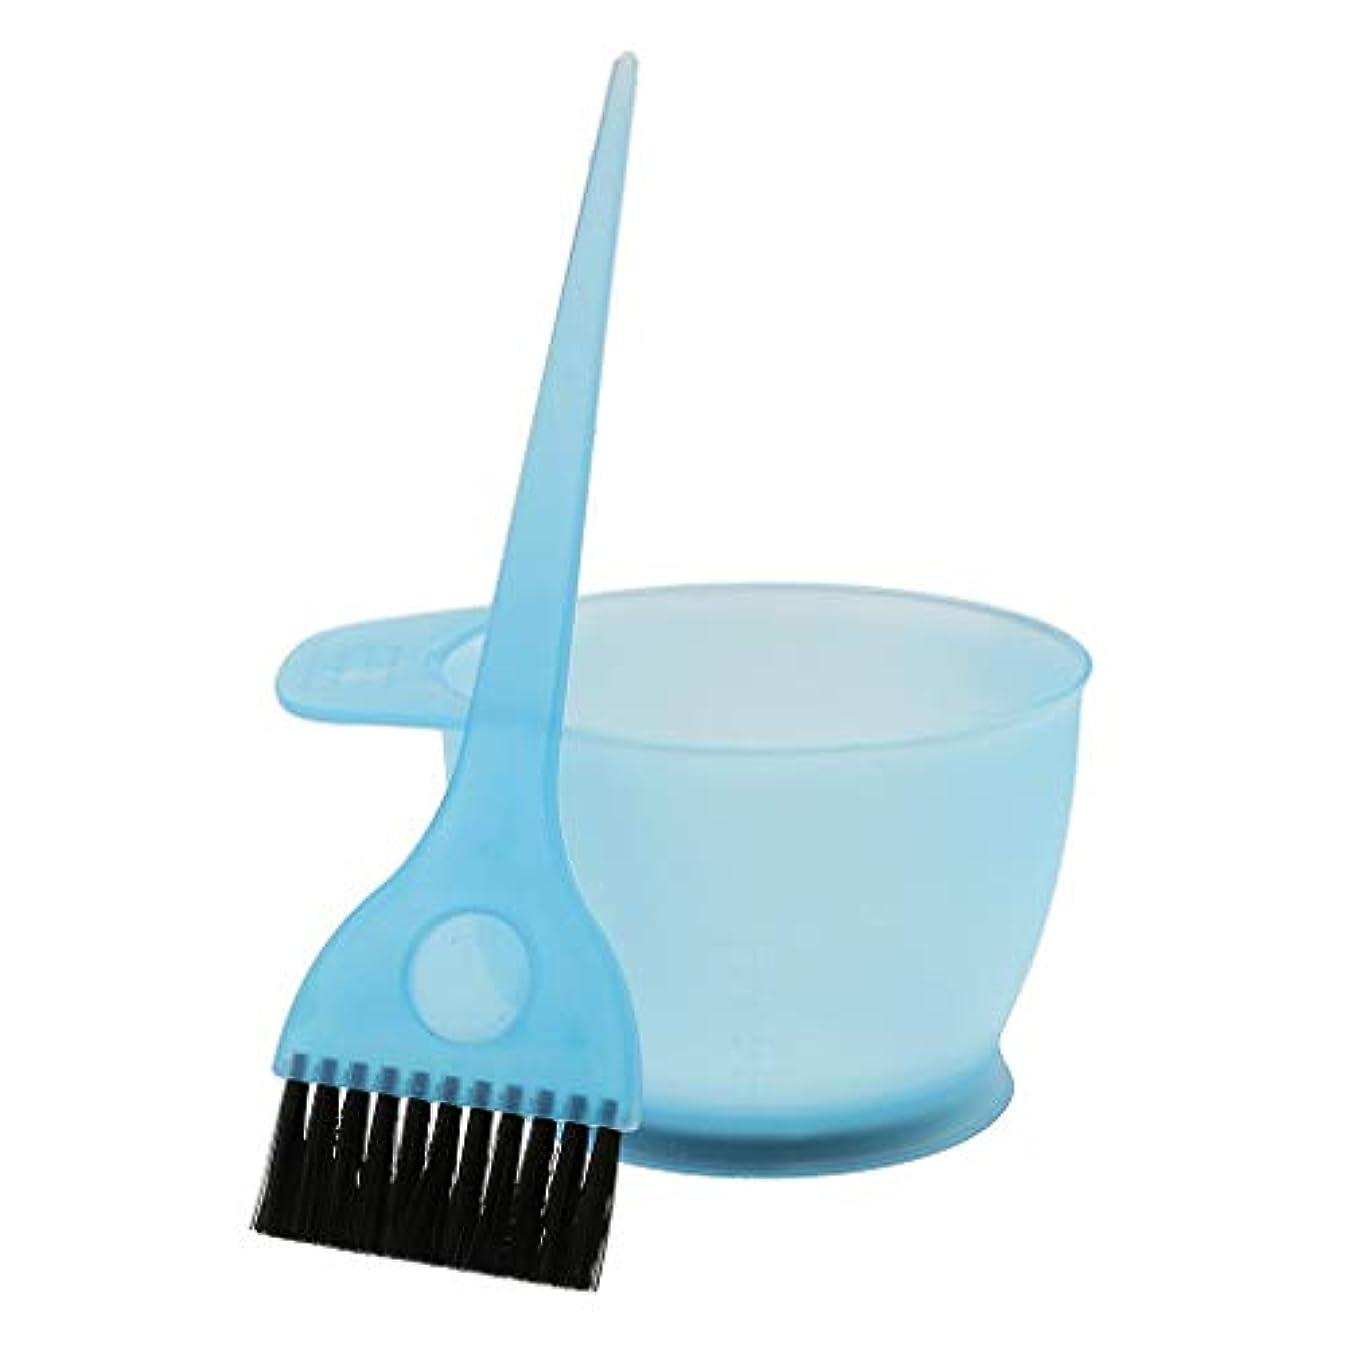 髪の色合い染料着色ツールのためのサロン髪色染料ボウル櫛ブラシセットスーツ (ブルー)